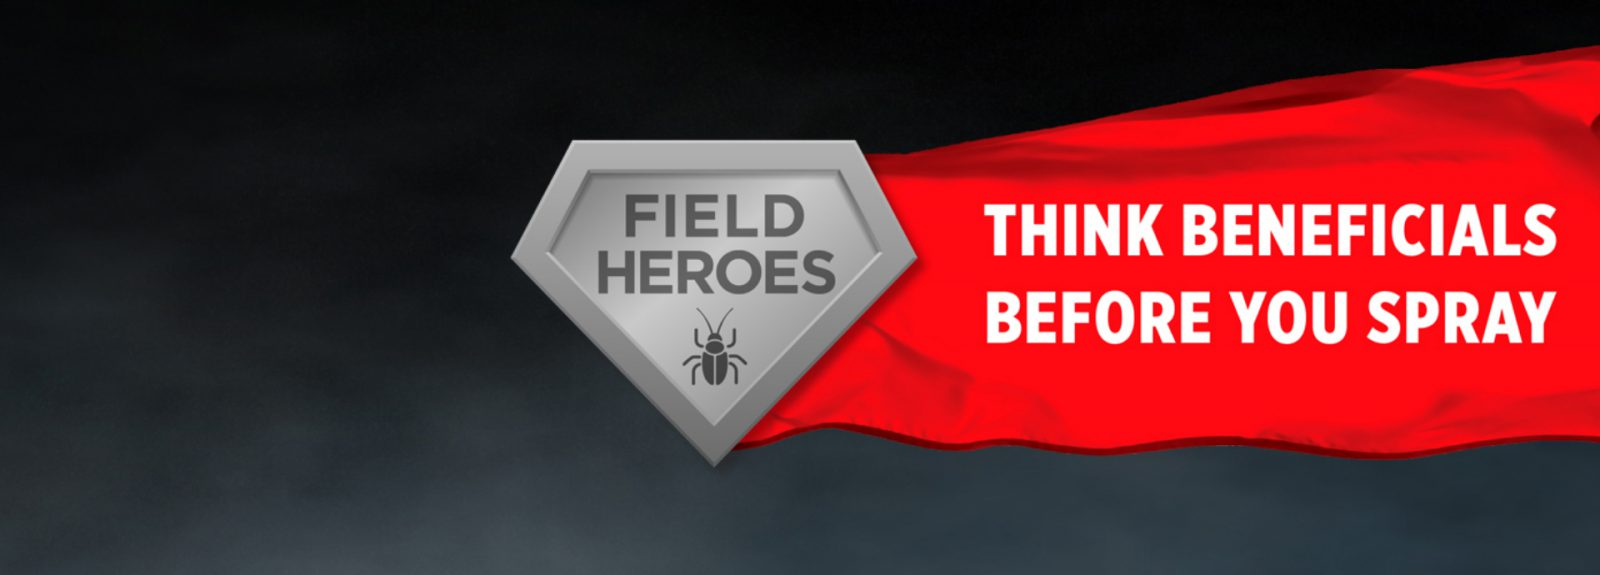 Field Heroes